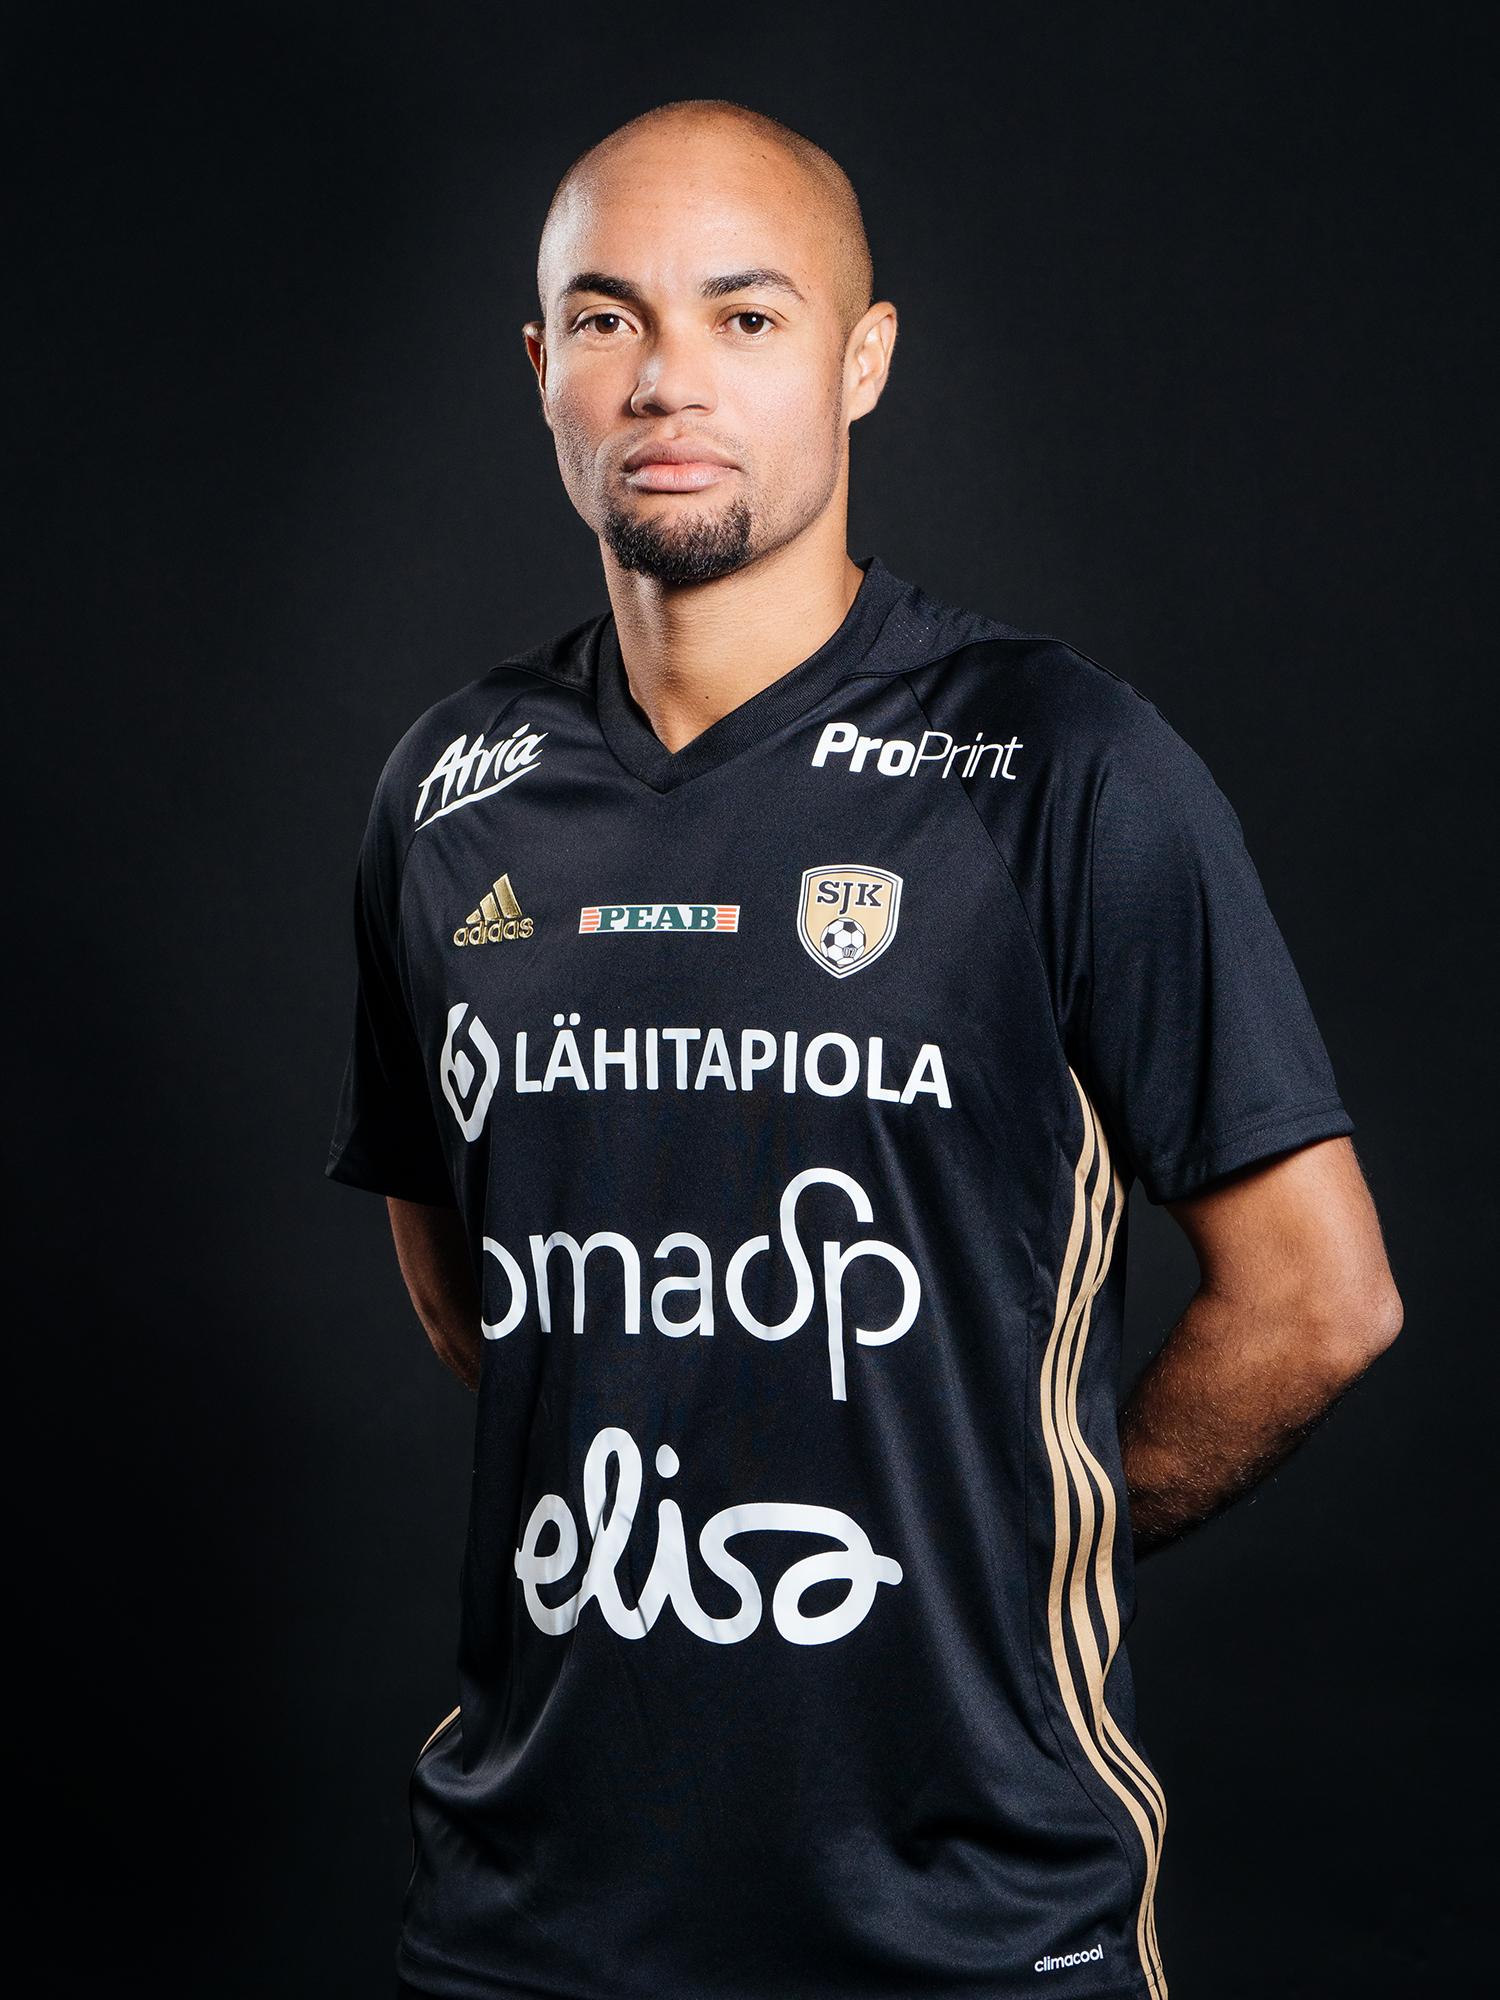 José Nadson